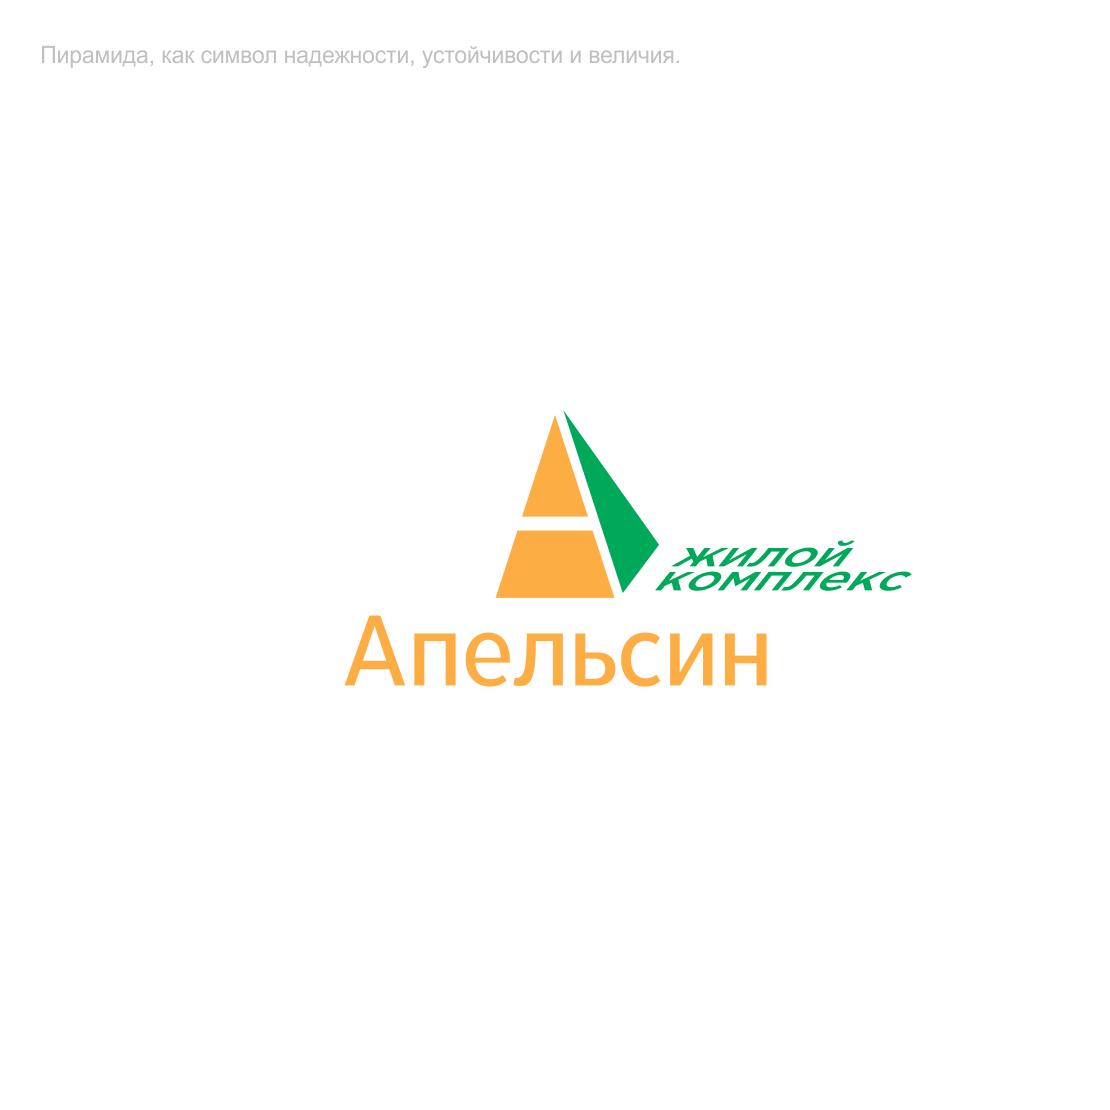 Логотип и фирменный стиль фото f_8015a5df265cdc48.png